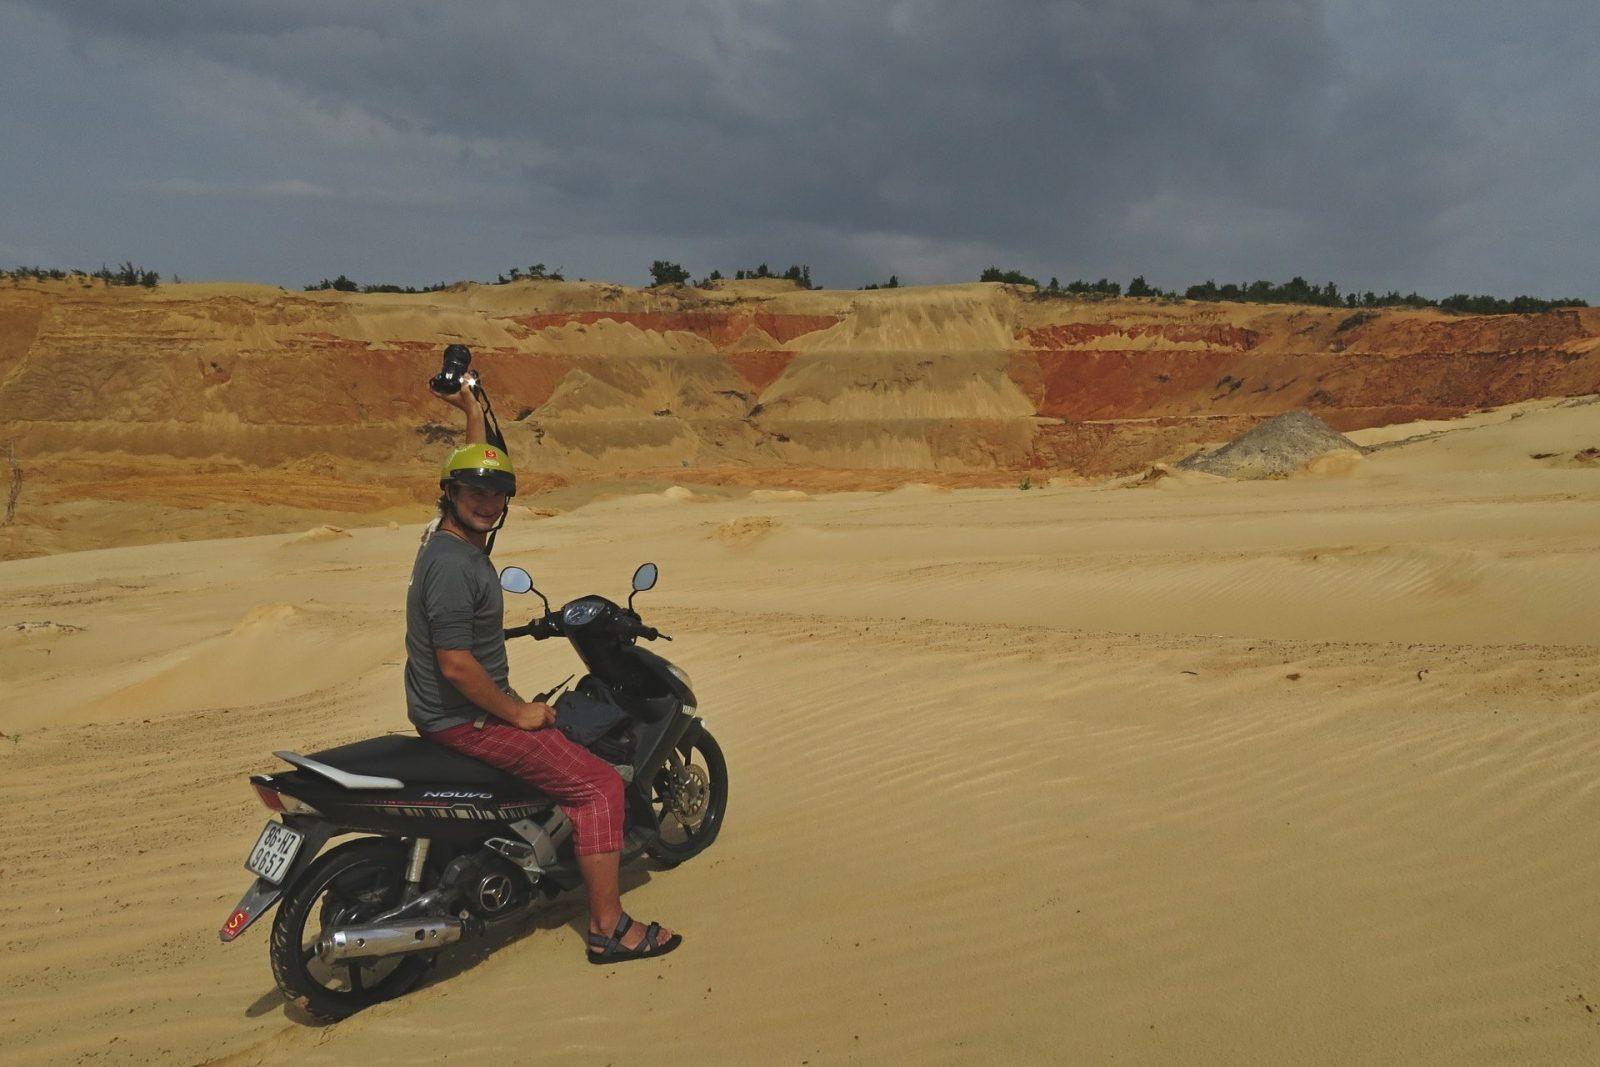 Petík si na motorce dojede pro fotku na čím dál tím šílenější místa (Vietnam)